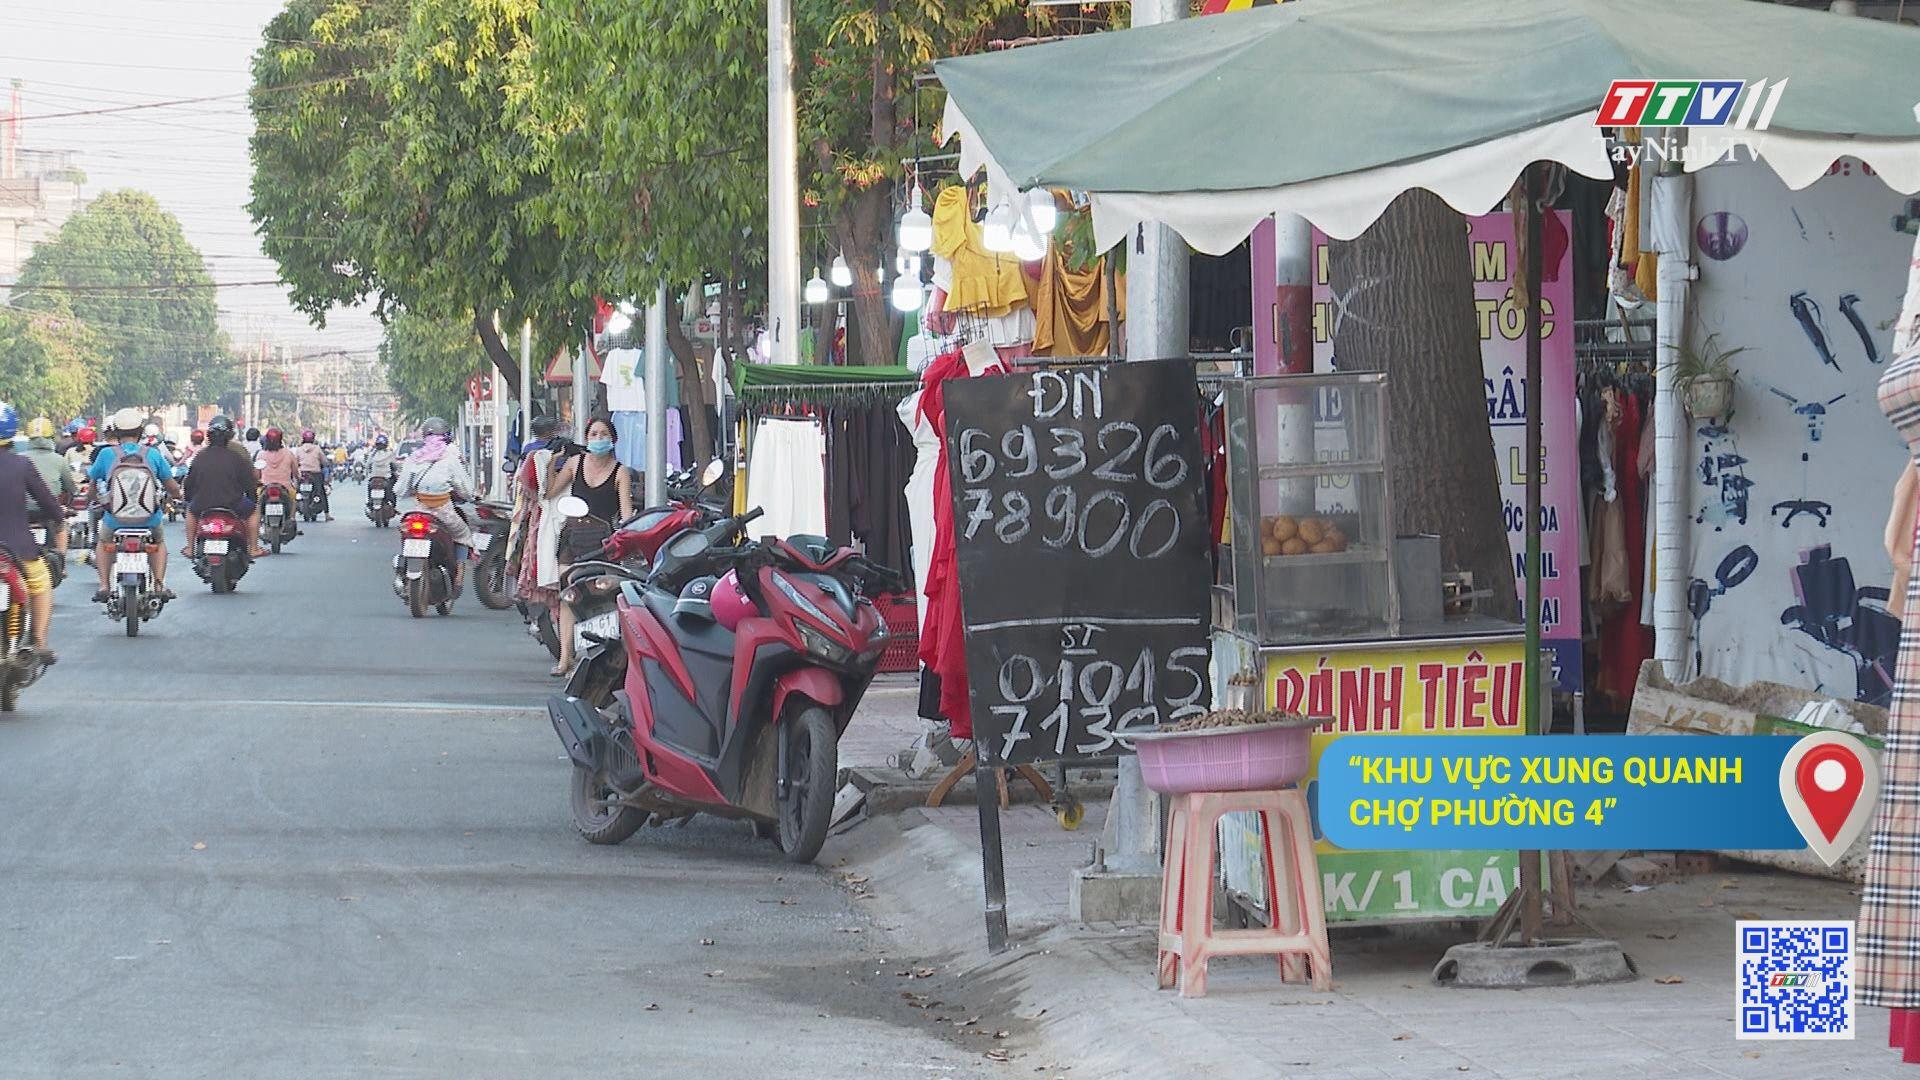 Chấn chỉnh tình trạng lấn chiếm vỉa hè trong đô thị: khó đến mức nào? | TIẾNG NÓI CỬ TRI | TayNinhTV